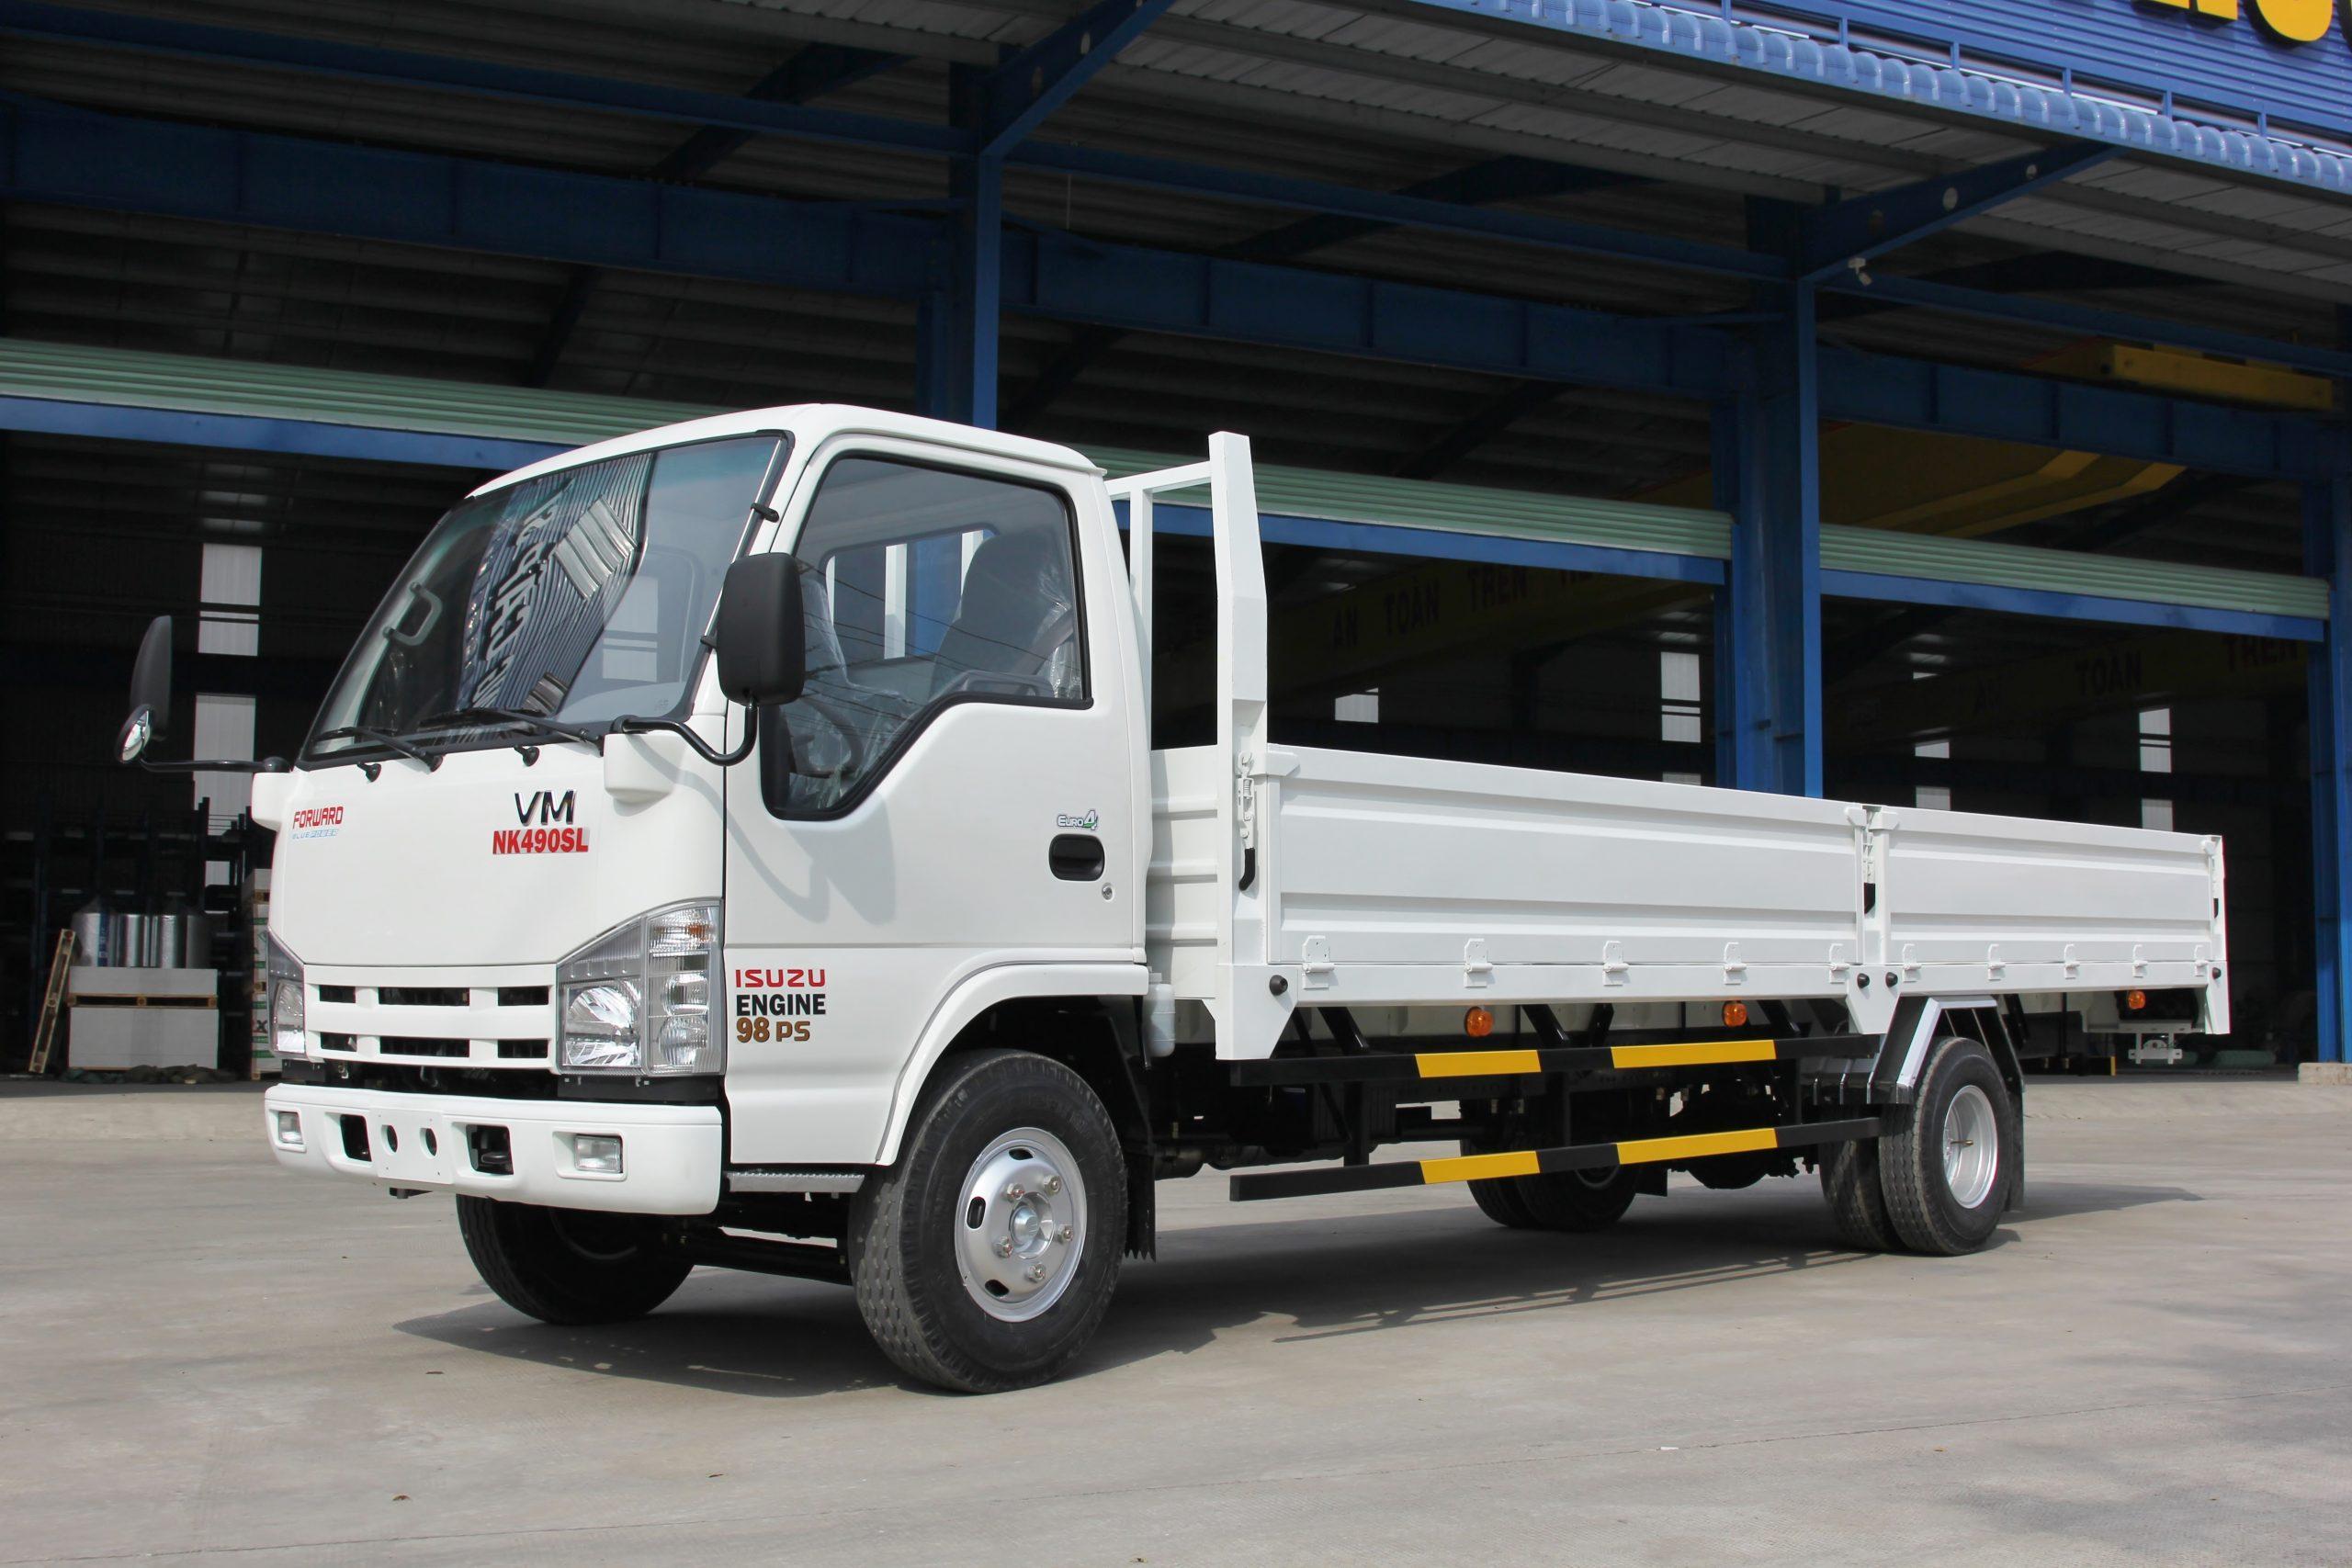 Vĩnh Phát NK490SL - Giúp bạn vận chuyển hàng hóa nhanh chóng, dễ dàng